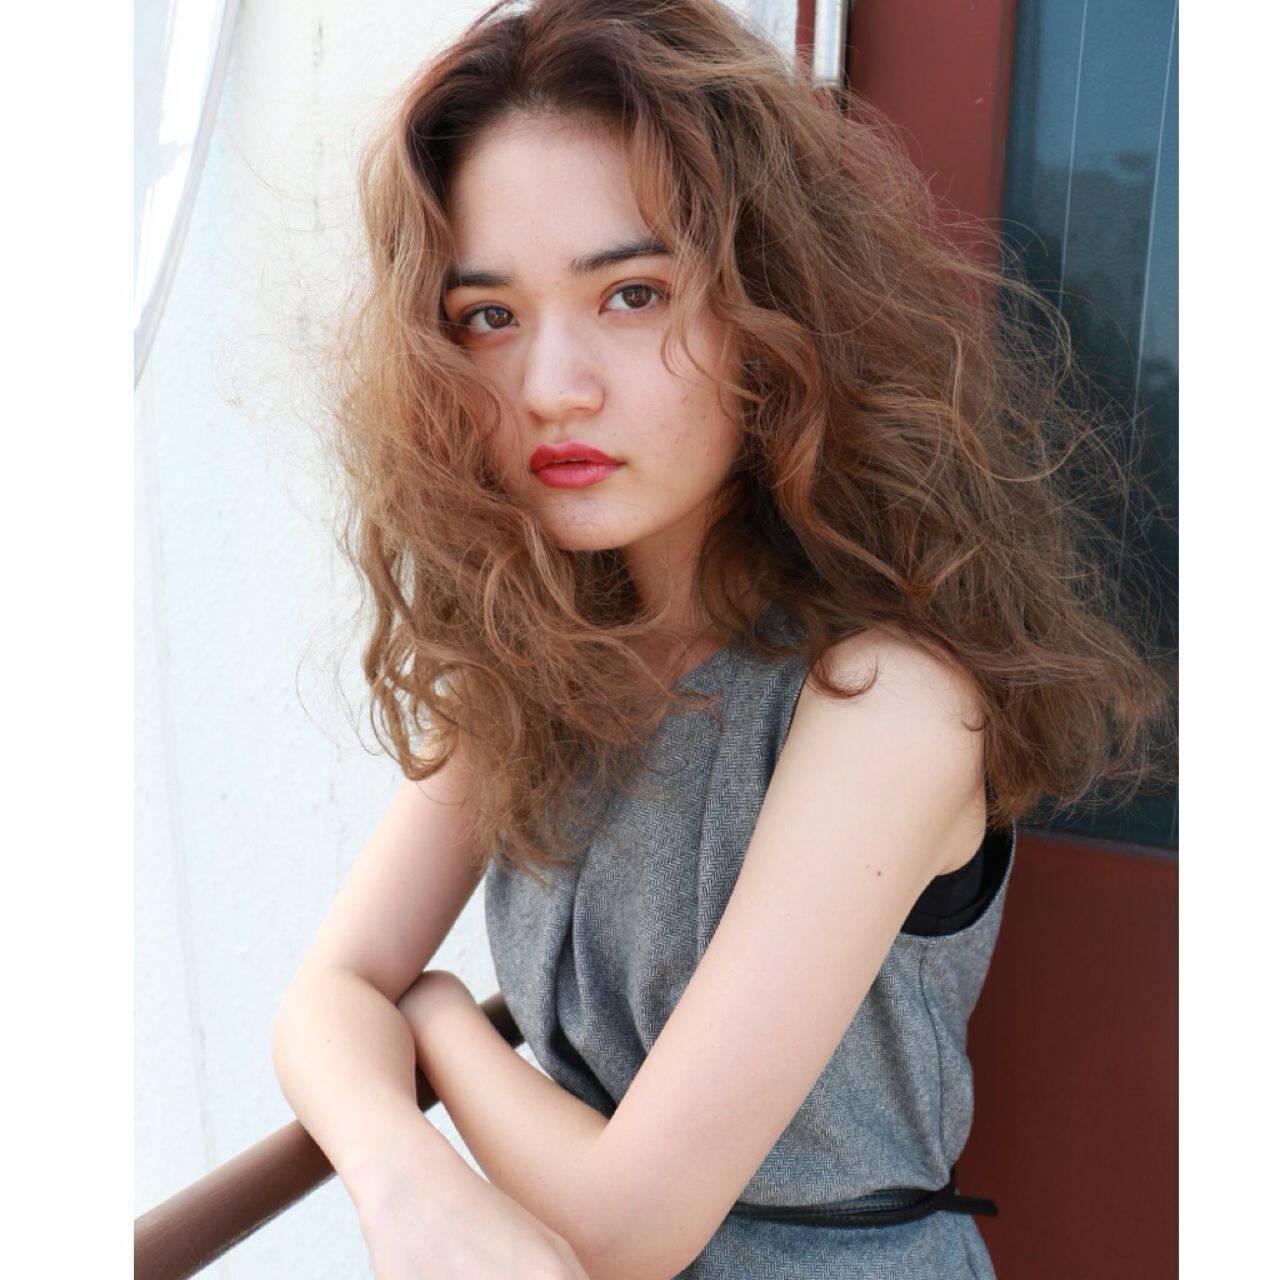 ウェーブ セミロング 春 ストリートヘアスタイルや髪型の写真・画像